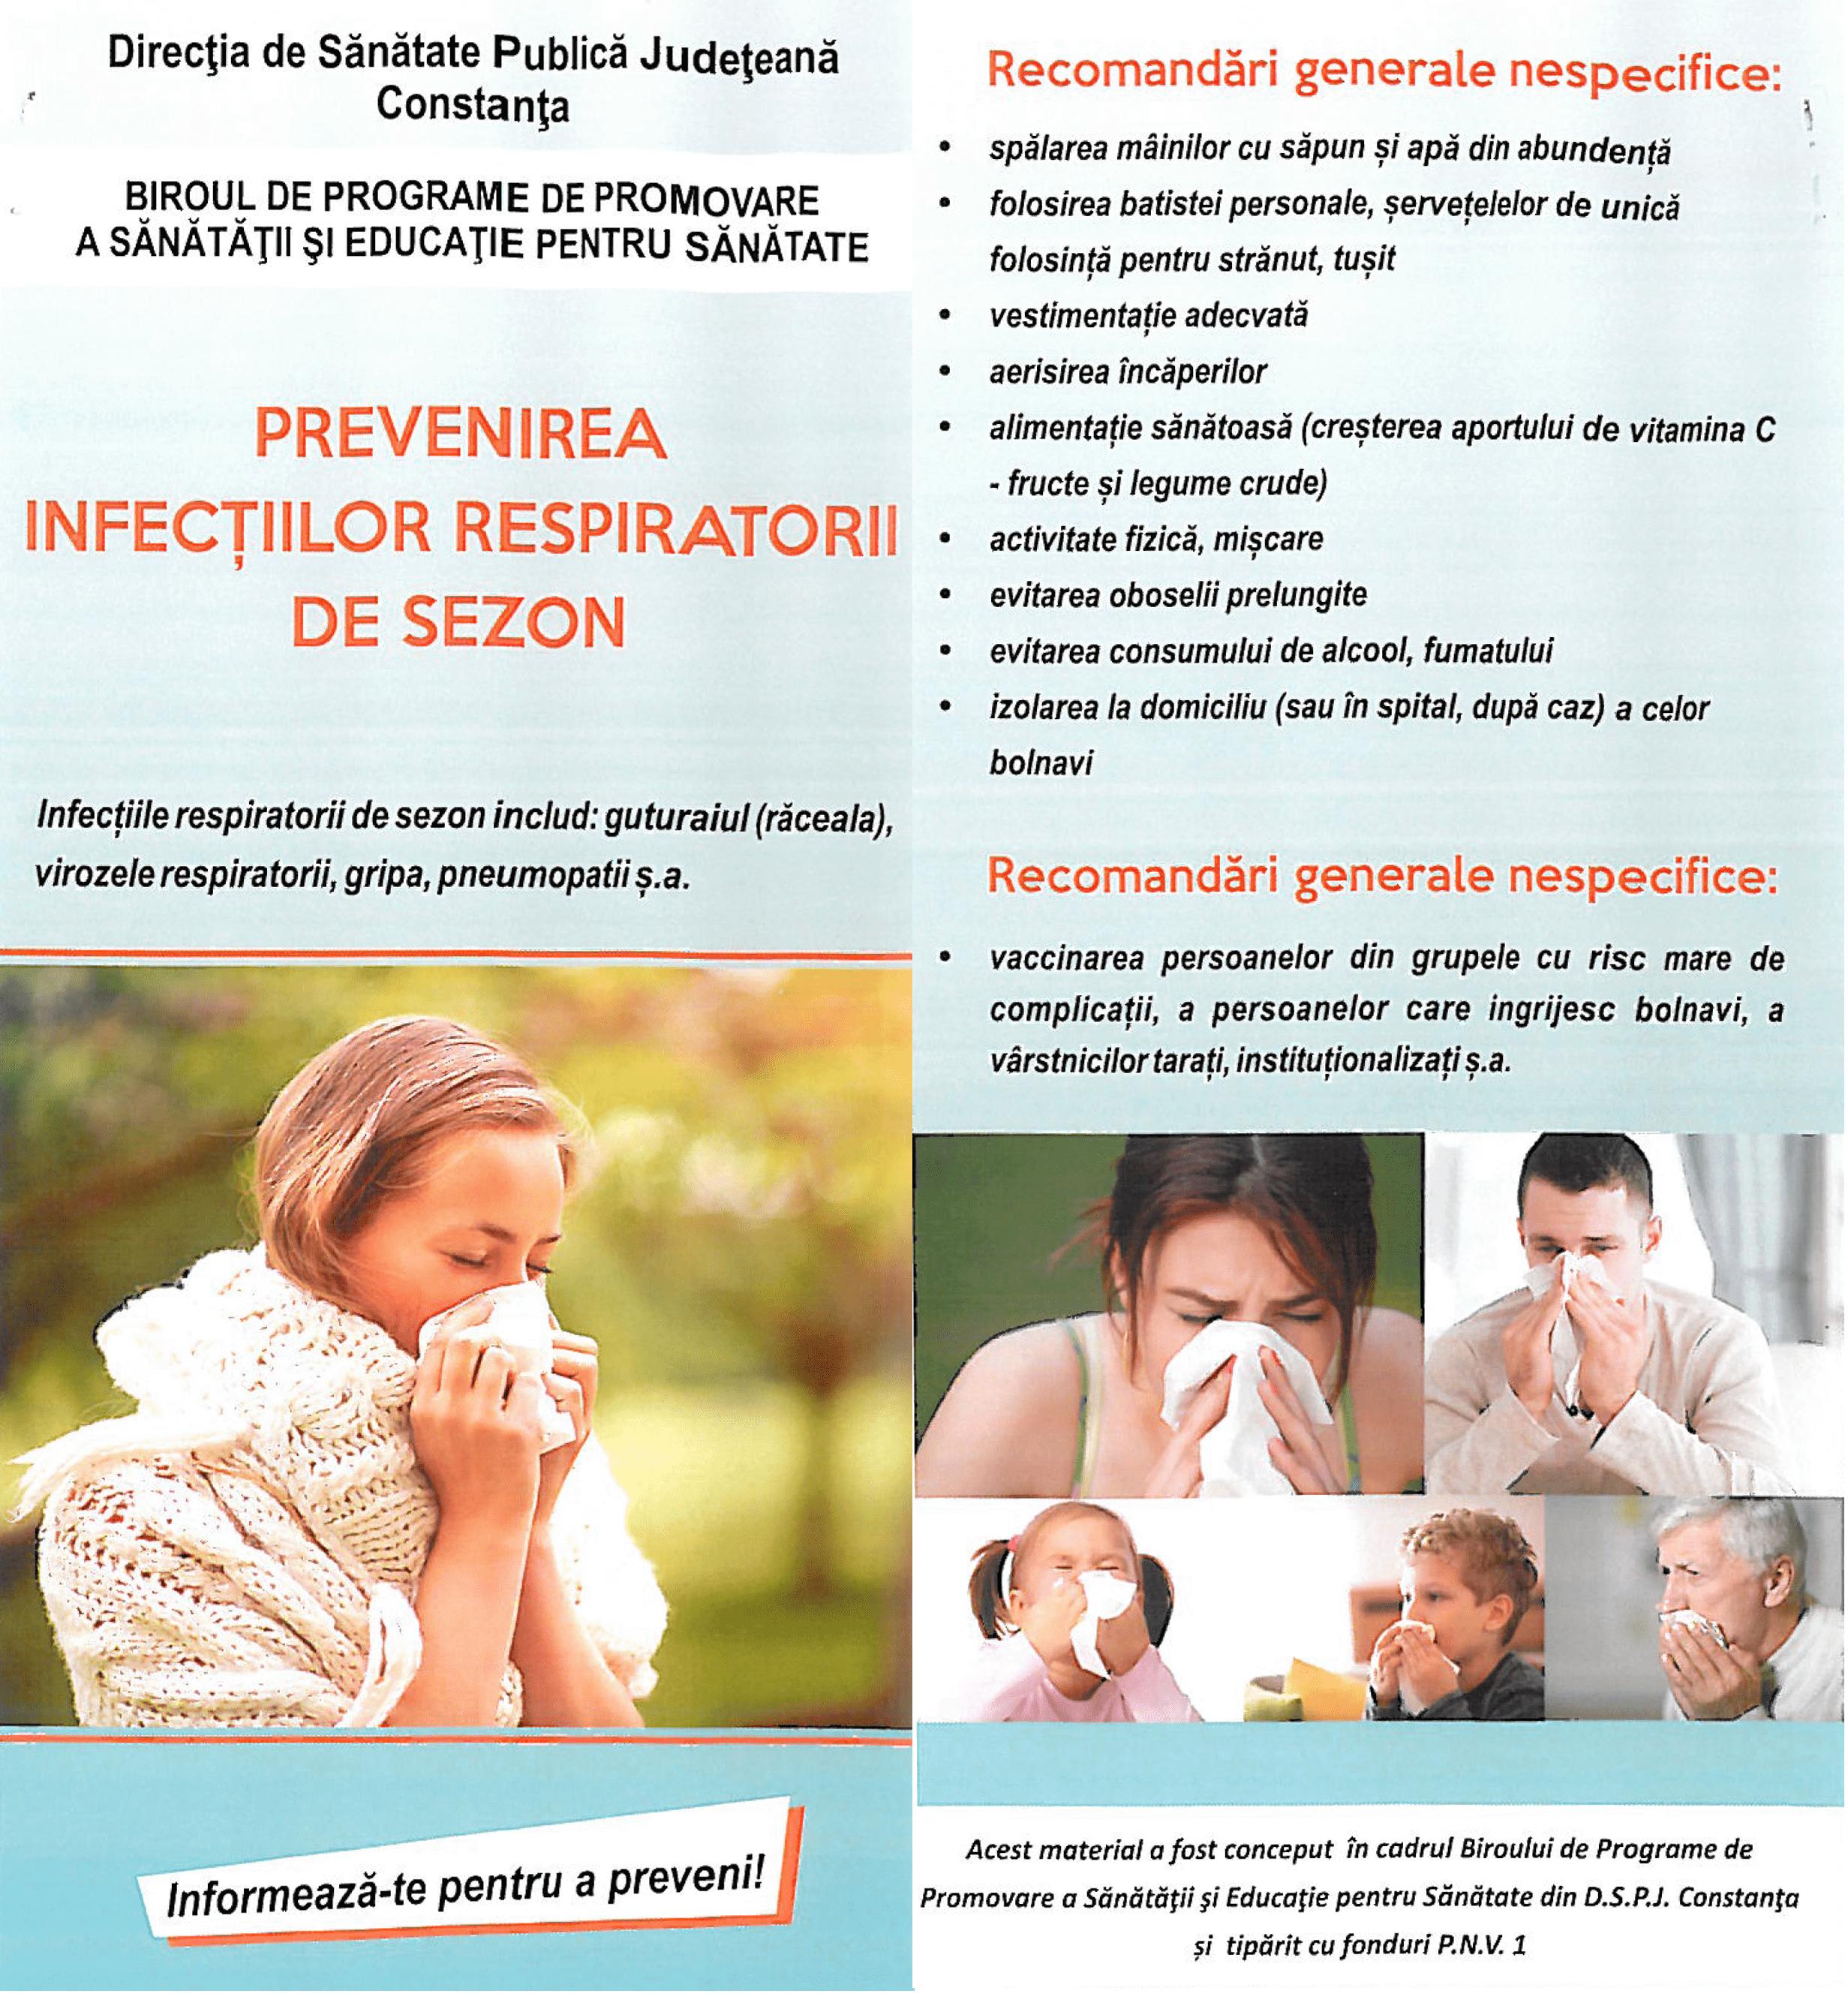 https://www.medstar2000.ro/wp-content/uploads/2018/01/Prevenirea-infectiilor-respiratorii-de-sezon.png